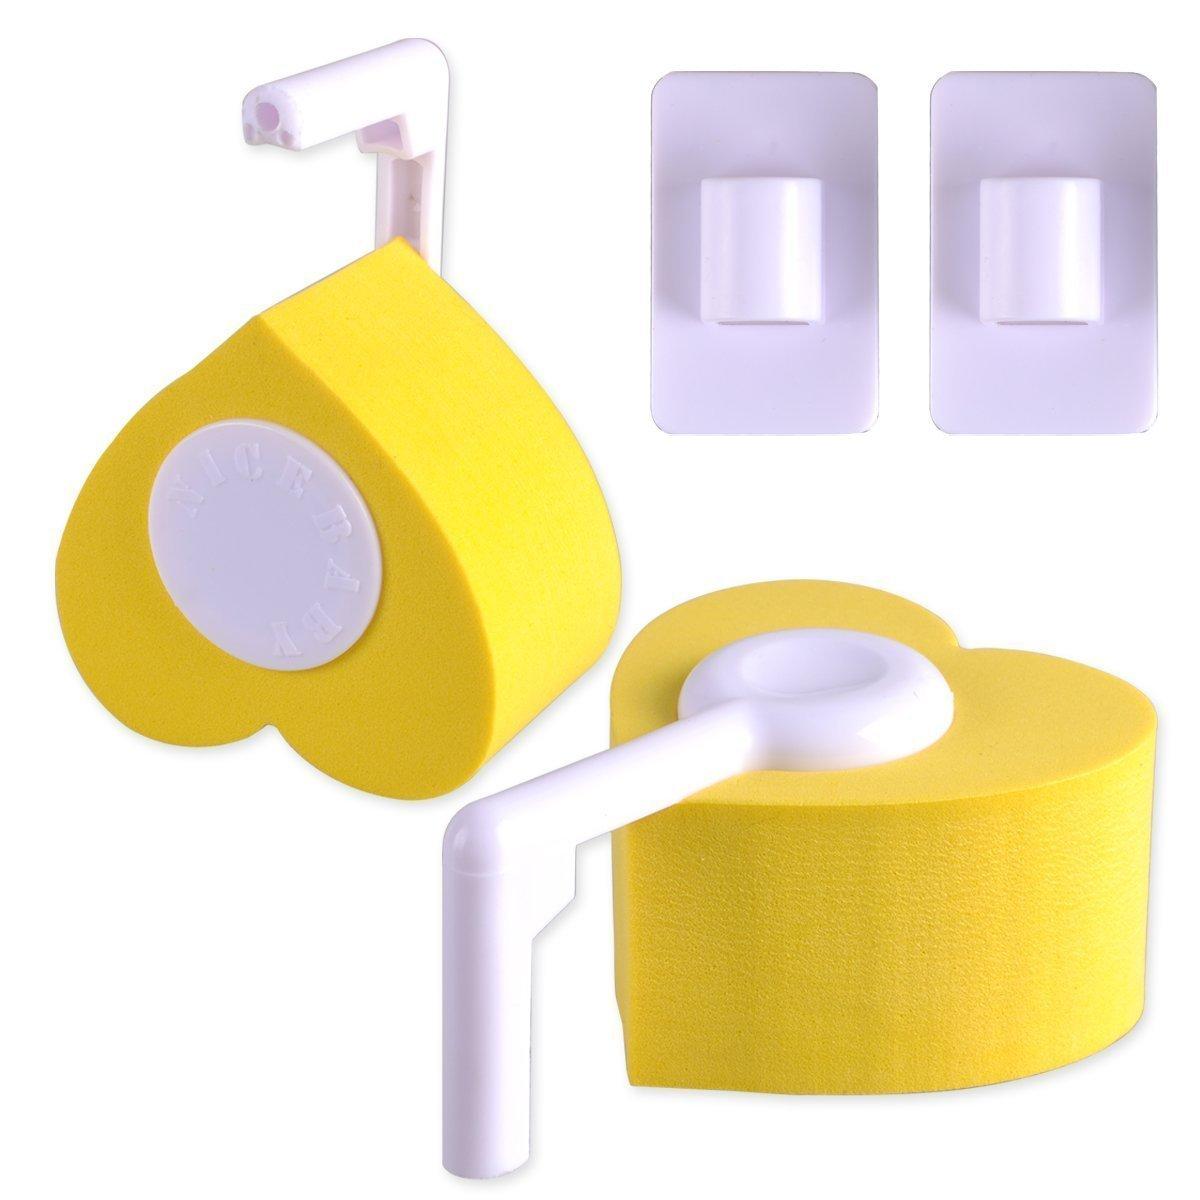 EXOH 2pcs protección bebé niños dedos seguridad Pinch Bisagra y protector de puerta (amarillo), plástico abs, Amarillo, 17x19x5cm